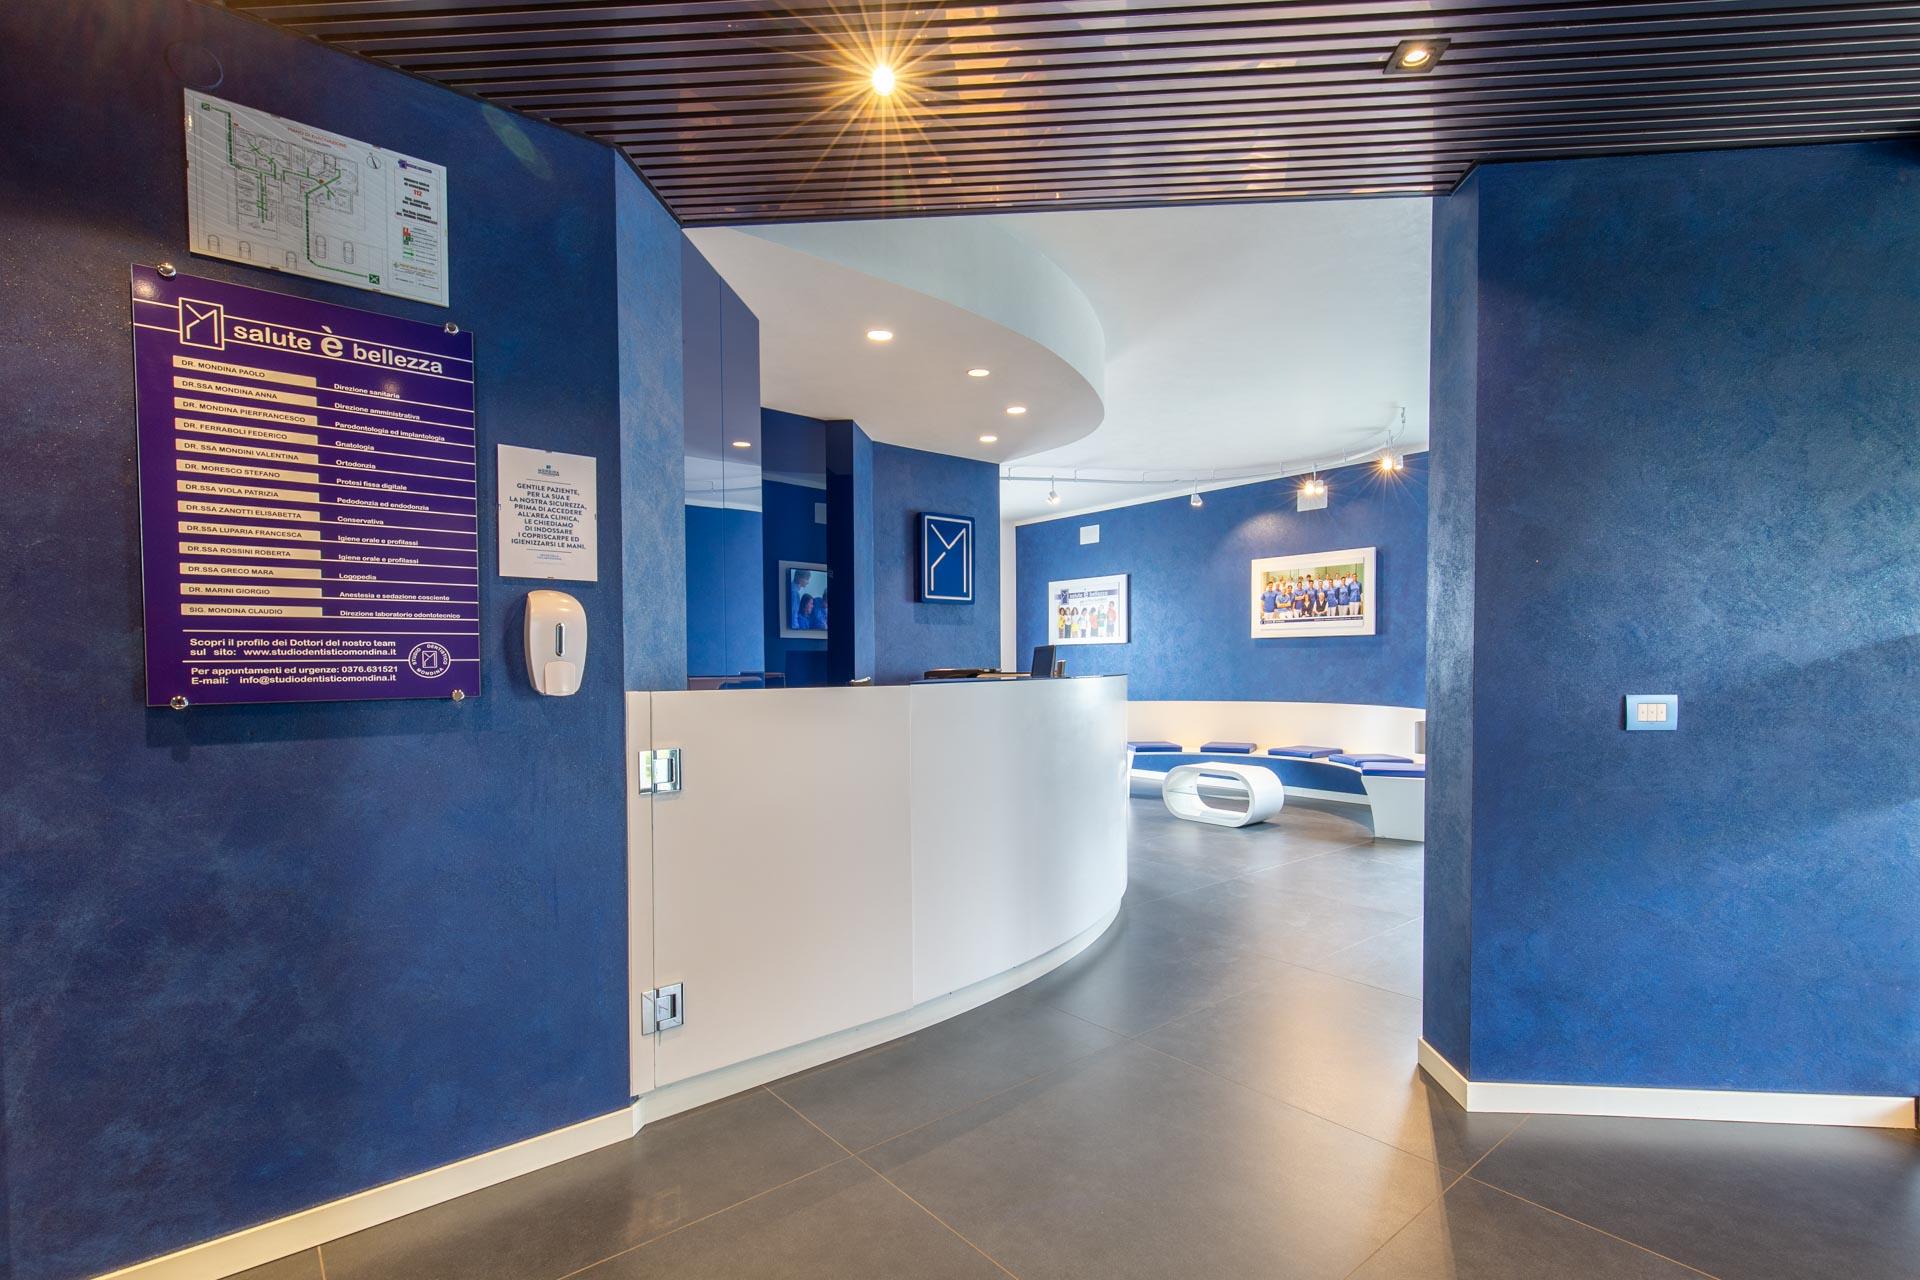 architettura interni progettazione arredamento negozi simone casarotto design studio dentistico mondina castiglione delle stiviere design arredatore mantova